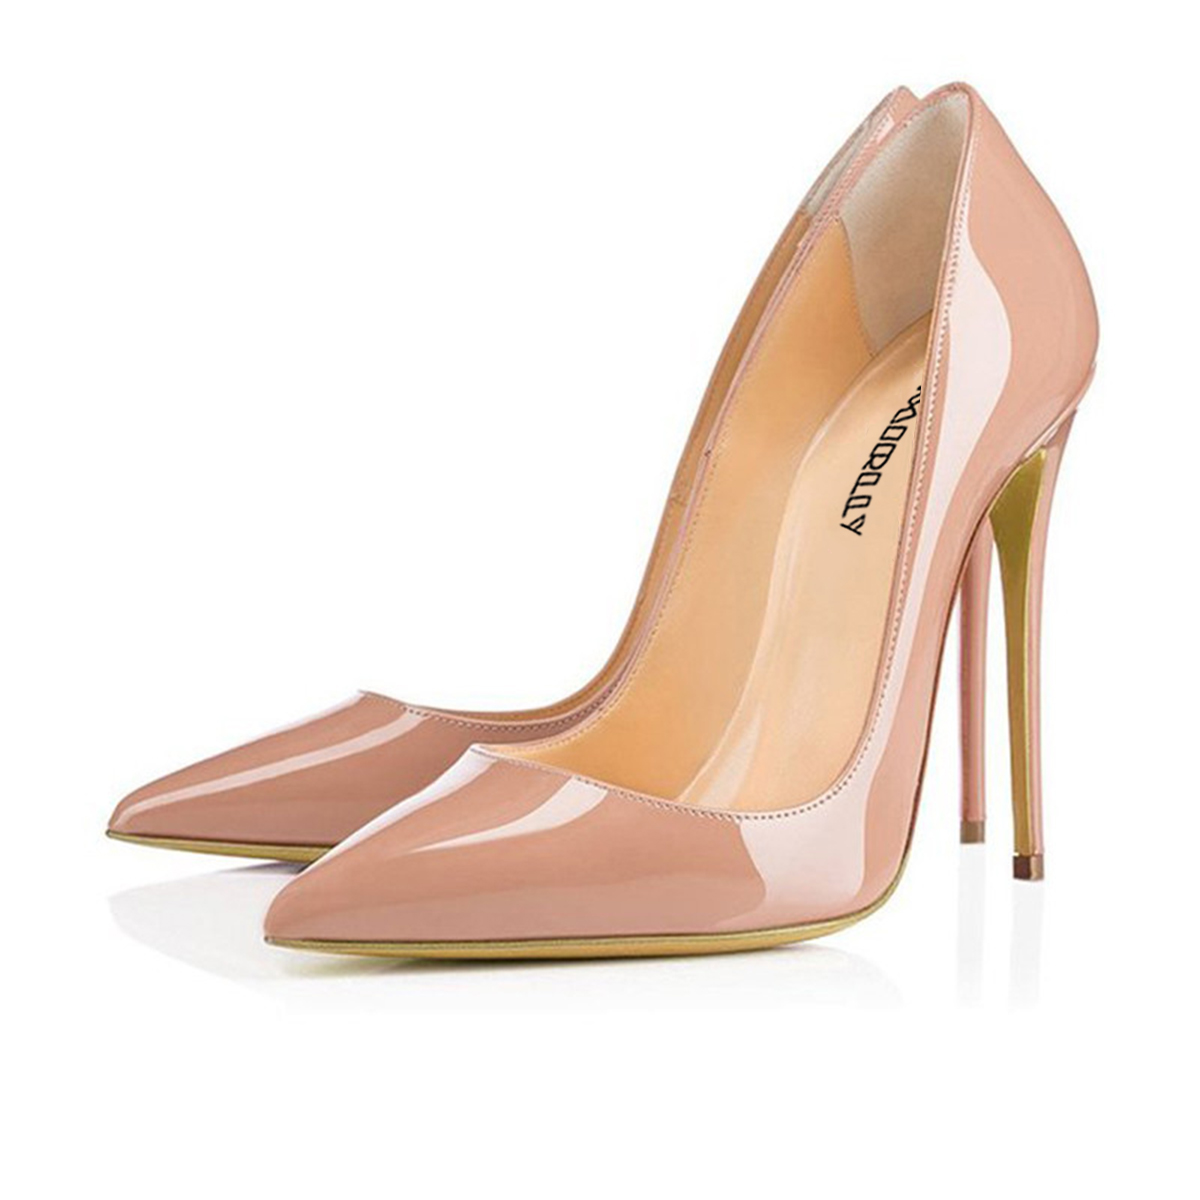 Aimrilly primavera moda señoras zapatos de tacón alto hecho a mano cómodos zapatos puntiagudos tamaño US 4 15,5 venta al por mayor-in Zapatos de tacón de mujer from zapatos    2